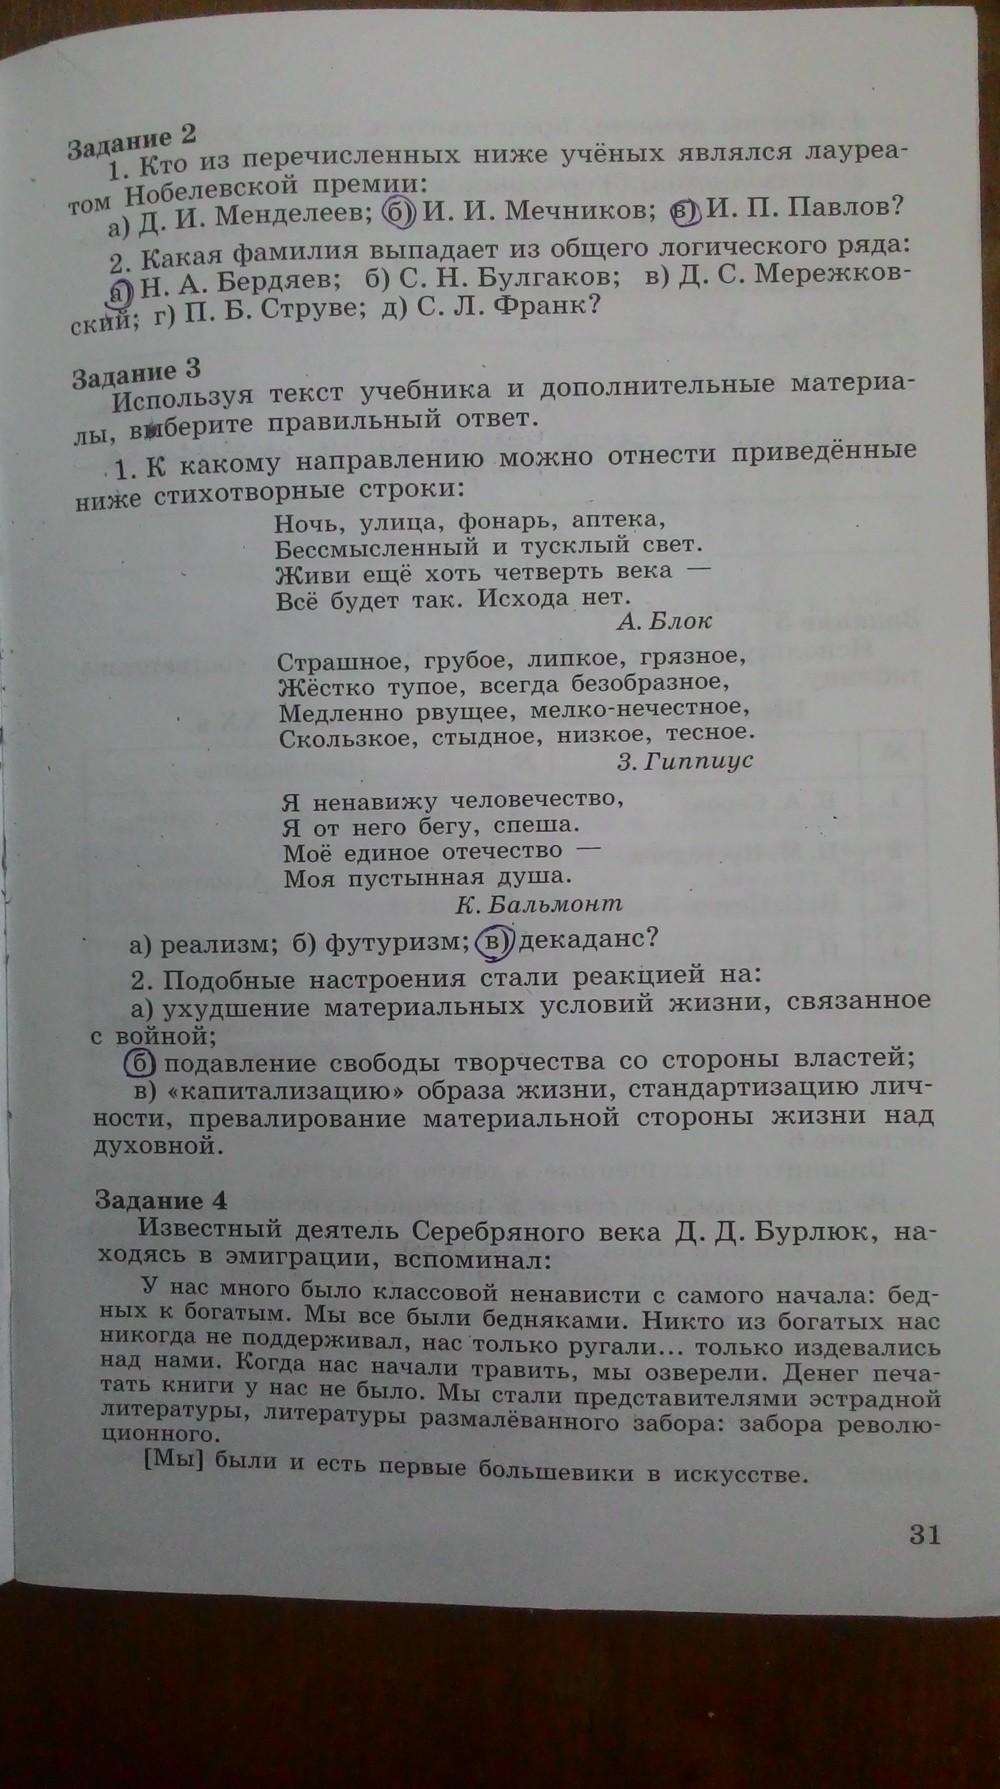 истории данилов учебник по 9 2018 класс гдз